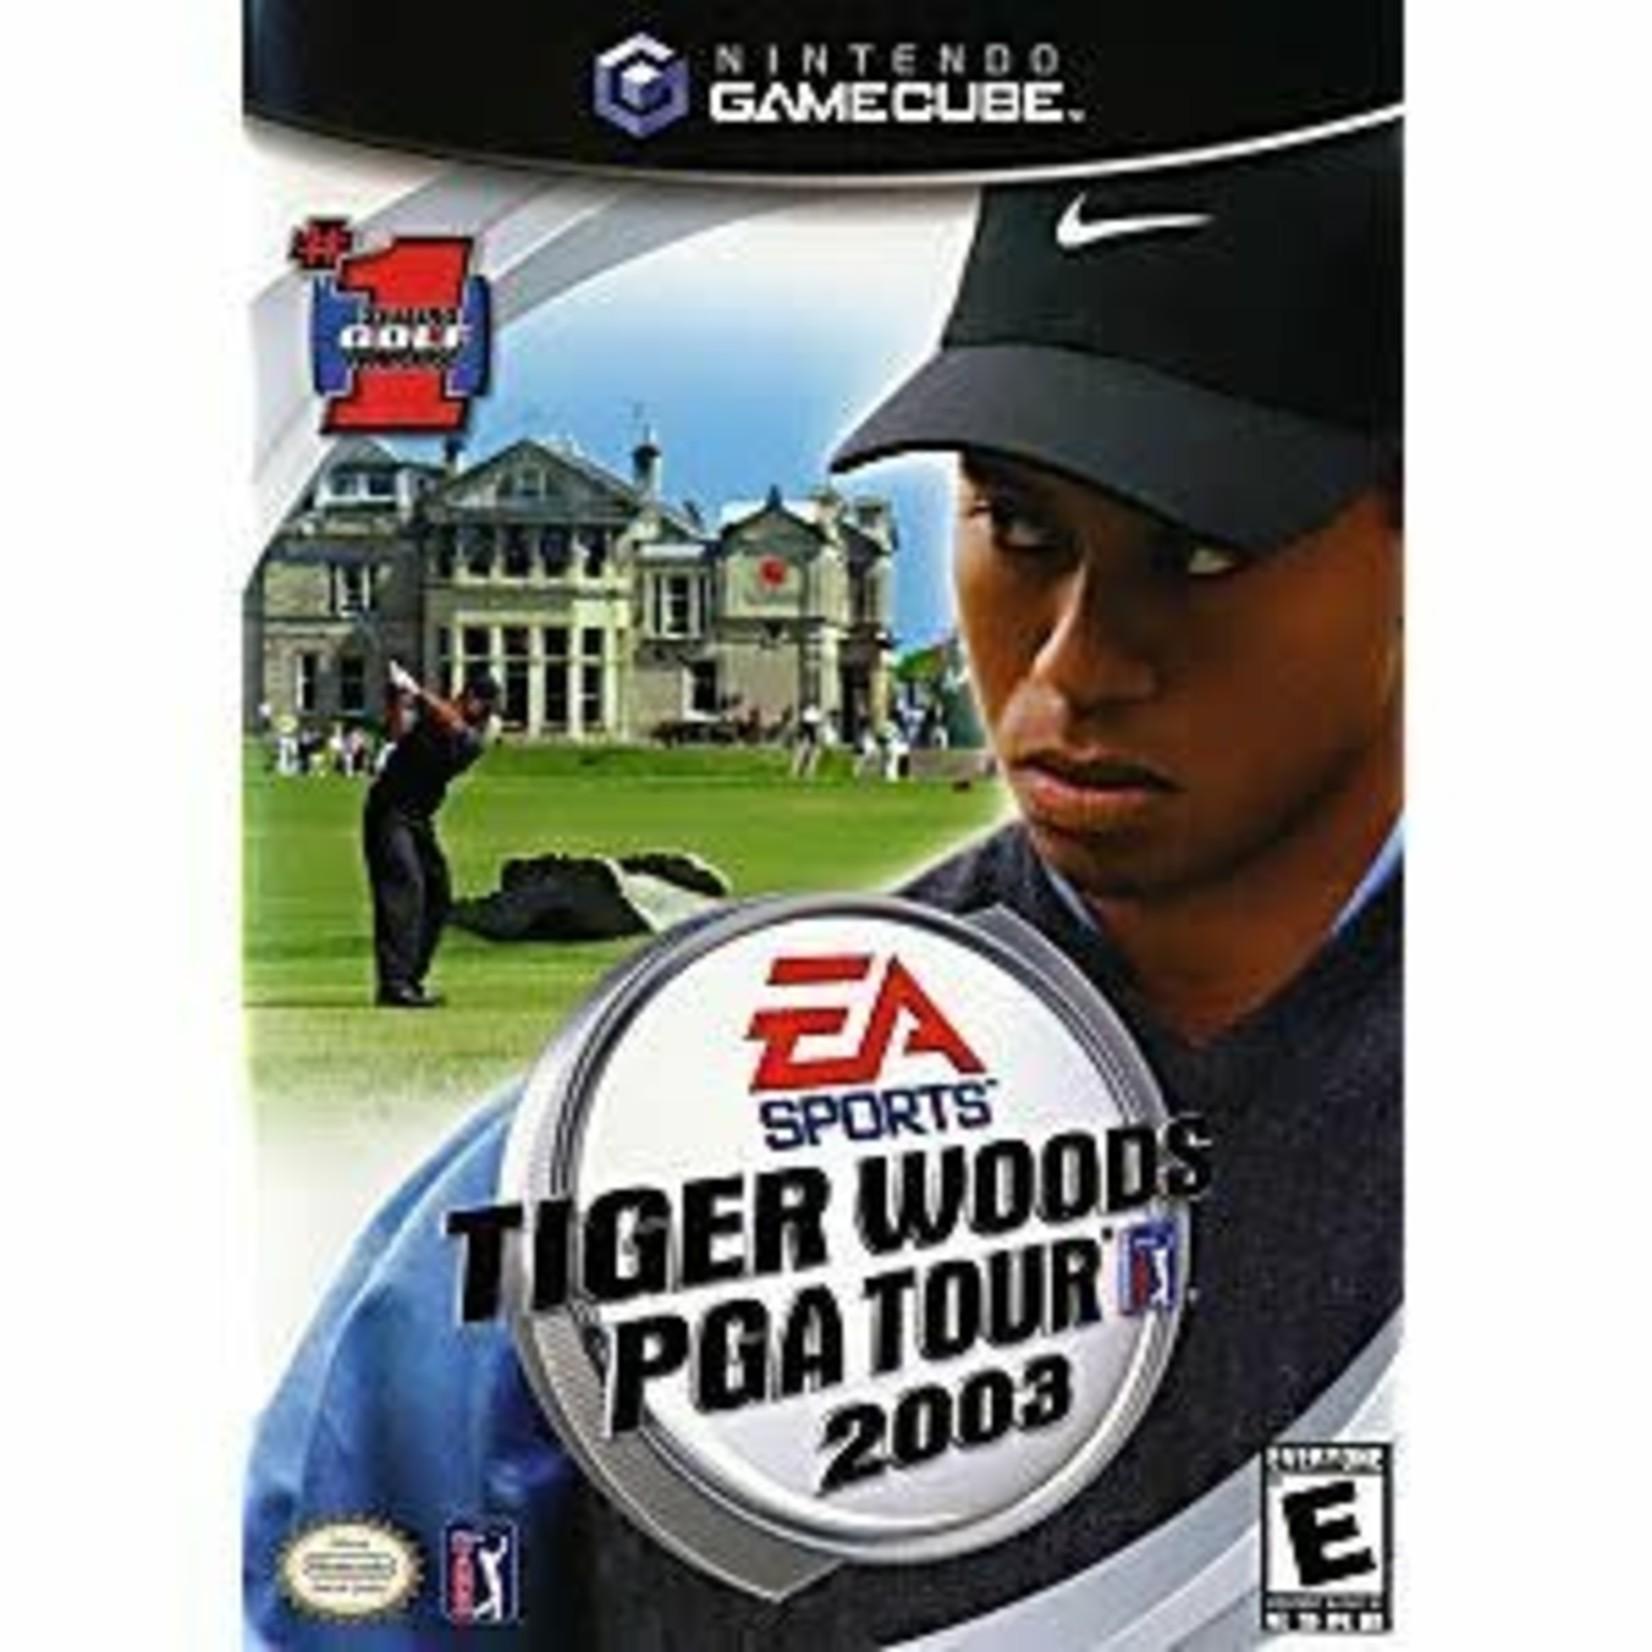 GCU-TIGER WOODS PGA TOUR 2003